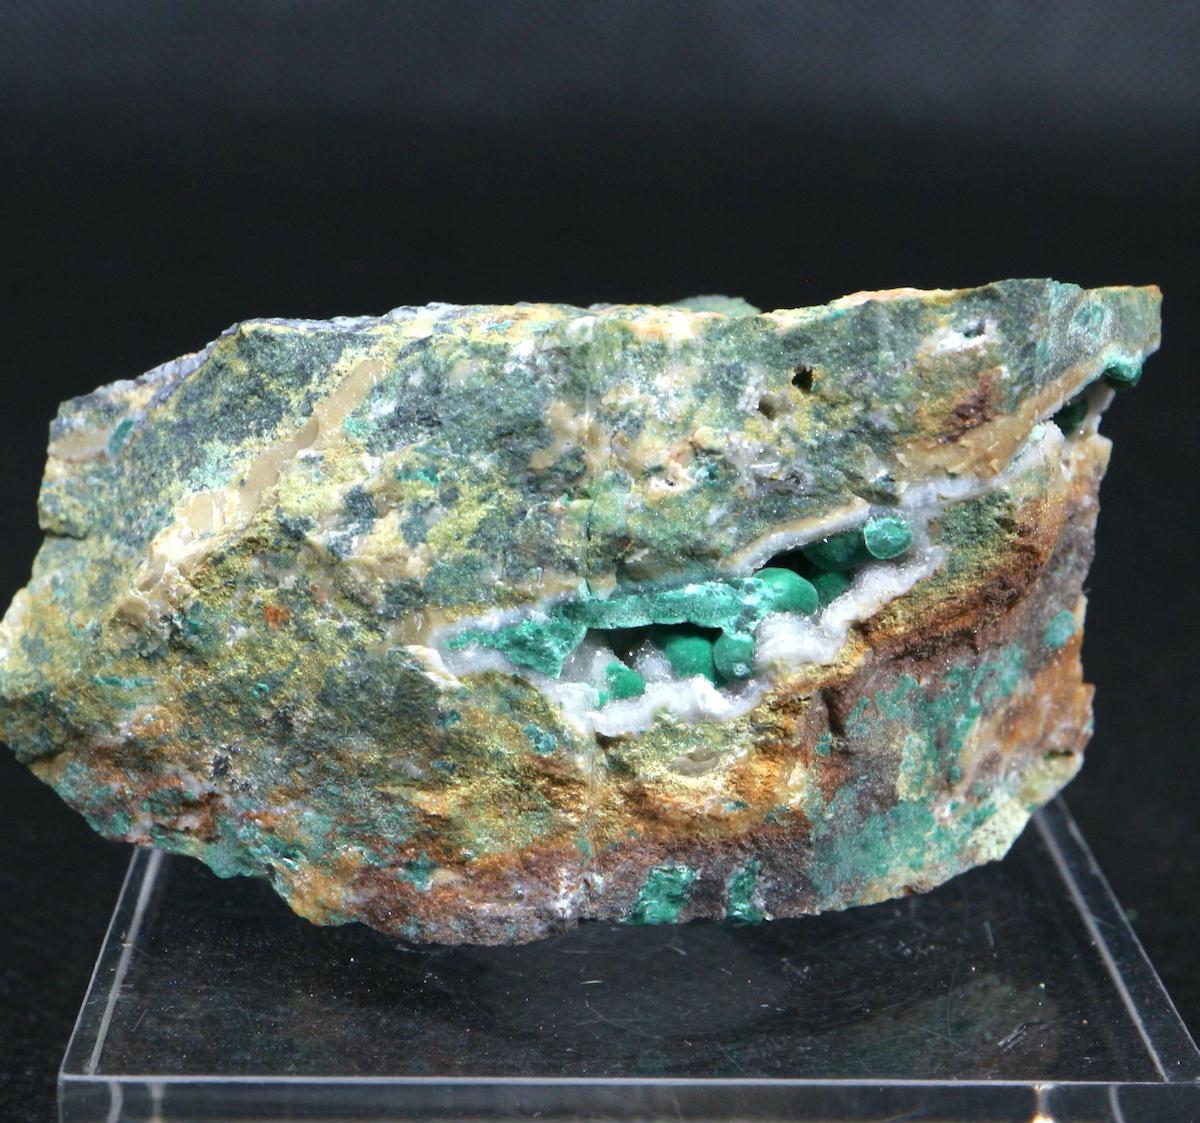 オリーブ銅鉱 Olivenite ユタ州産 61,5g OLV002 原石 天然石 鉱物 パワーストーン